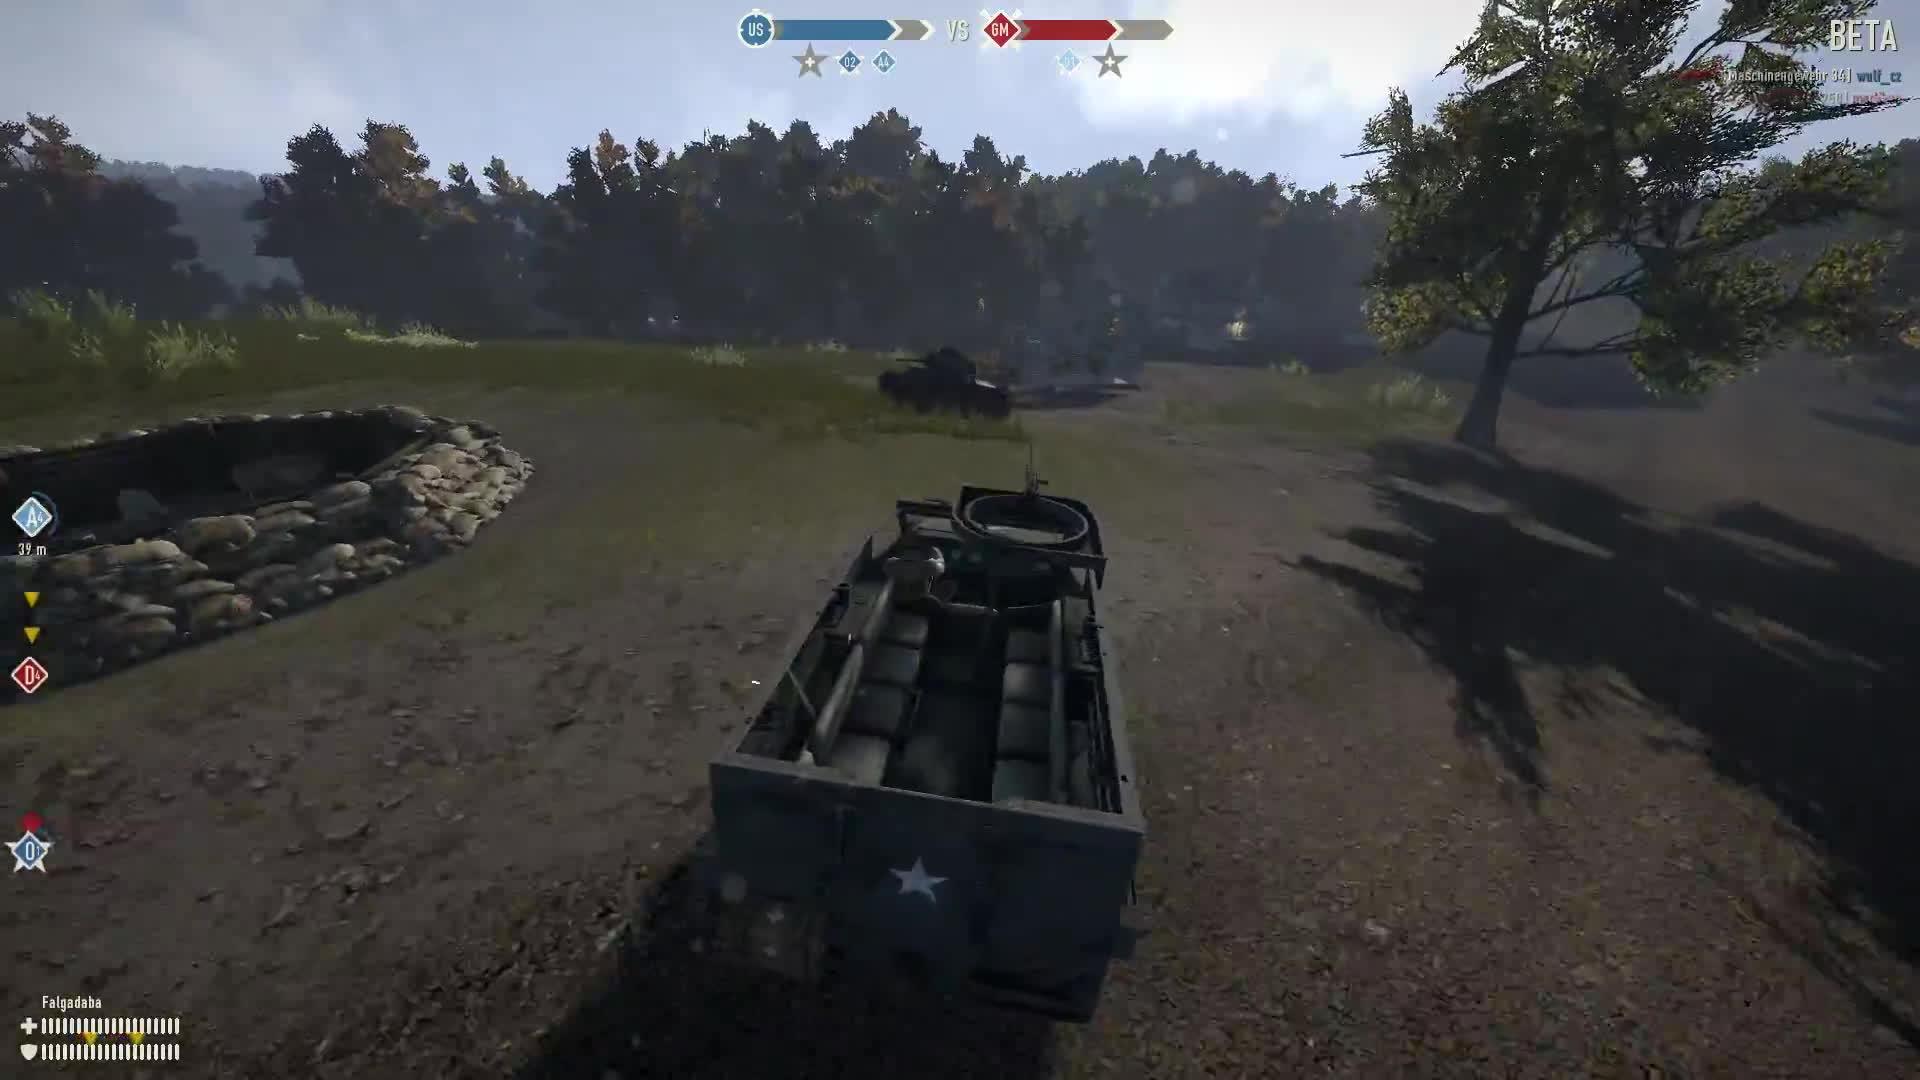 gamephysics, heroesandgenerals, Truck versus Very Light Tank GIFs